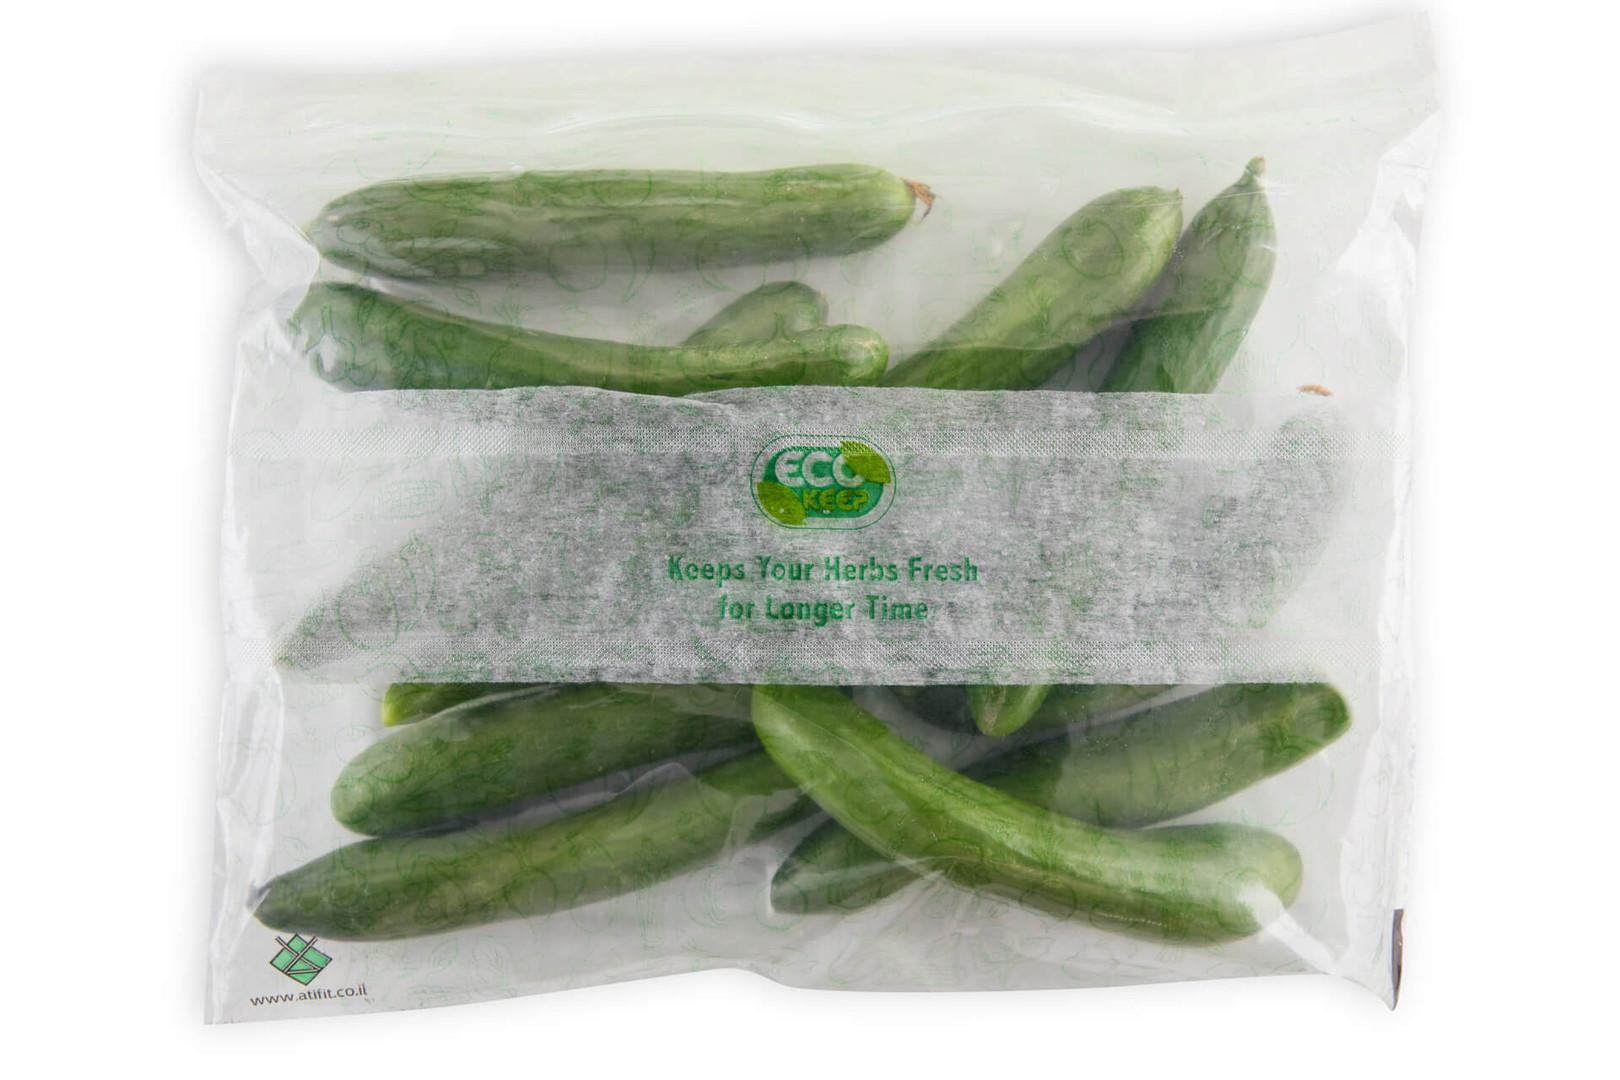 אקו קיפ - שקיות לשמירה על טריות ירקות במ